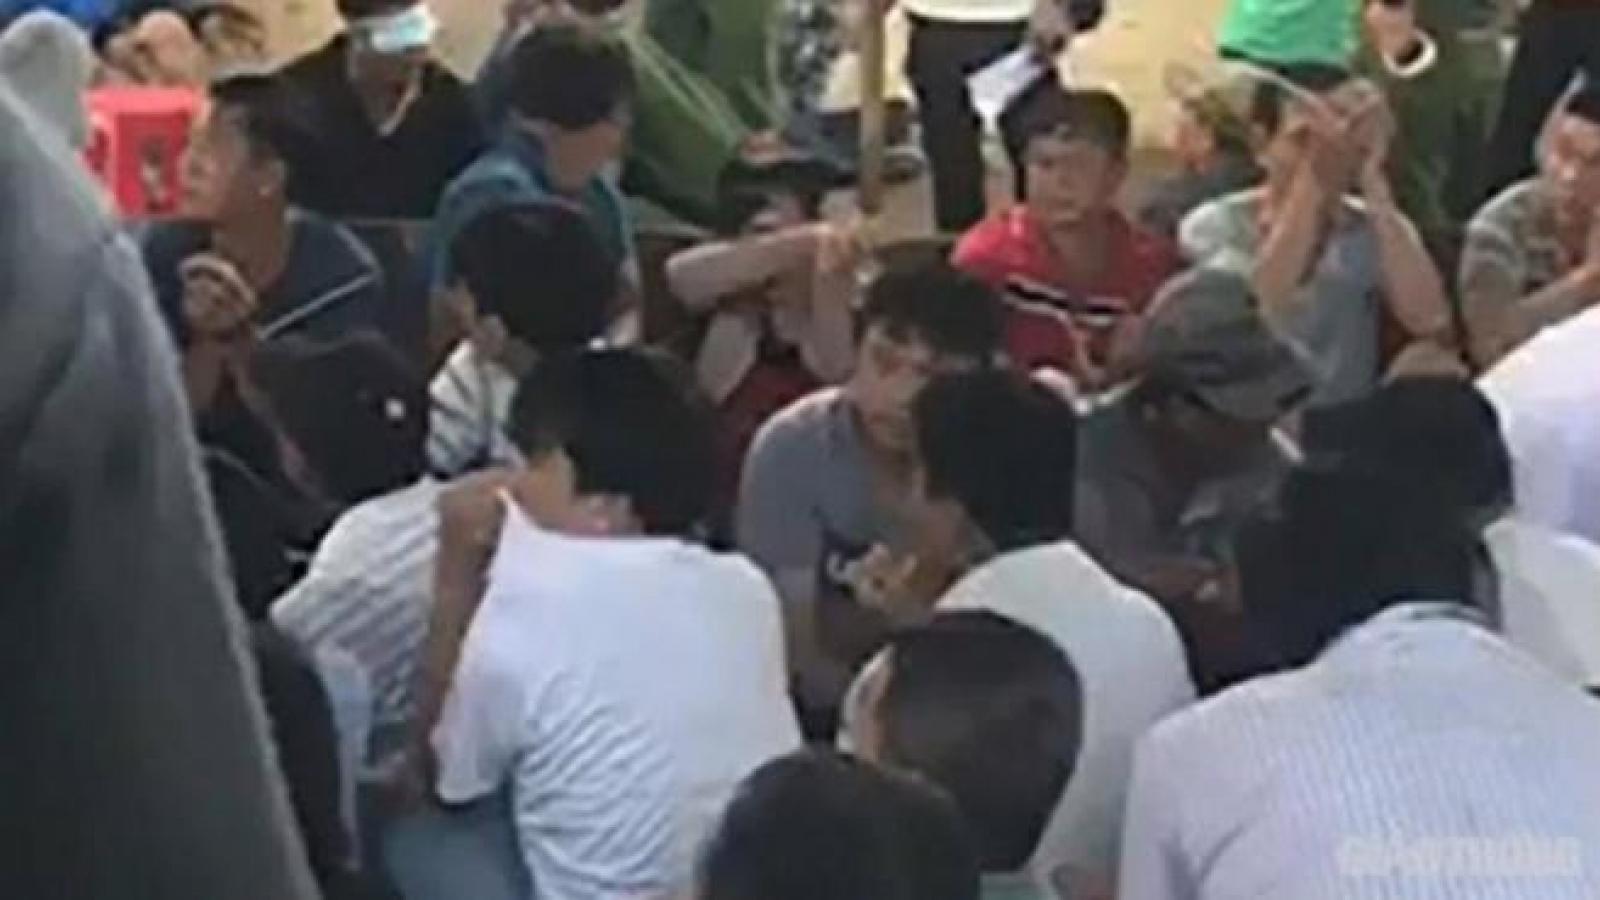 Khởi tố 43 người liên quan vụ trường gà 'khủng' bị bắt ở TP.HCM